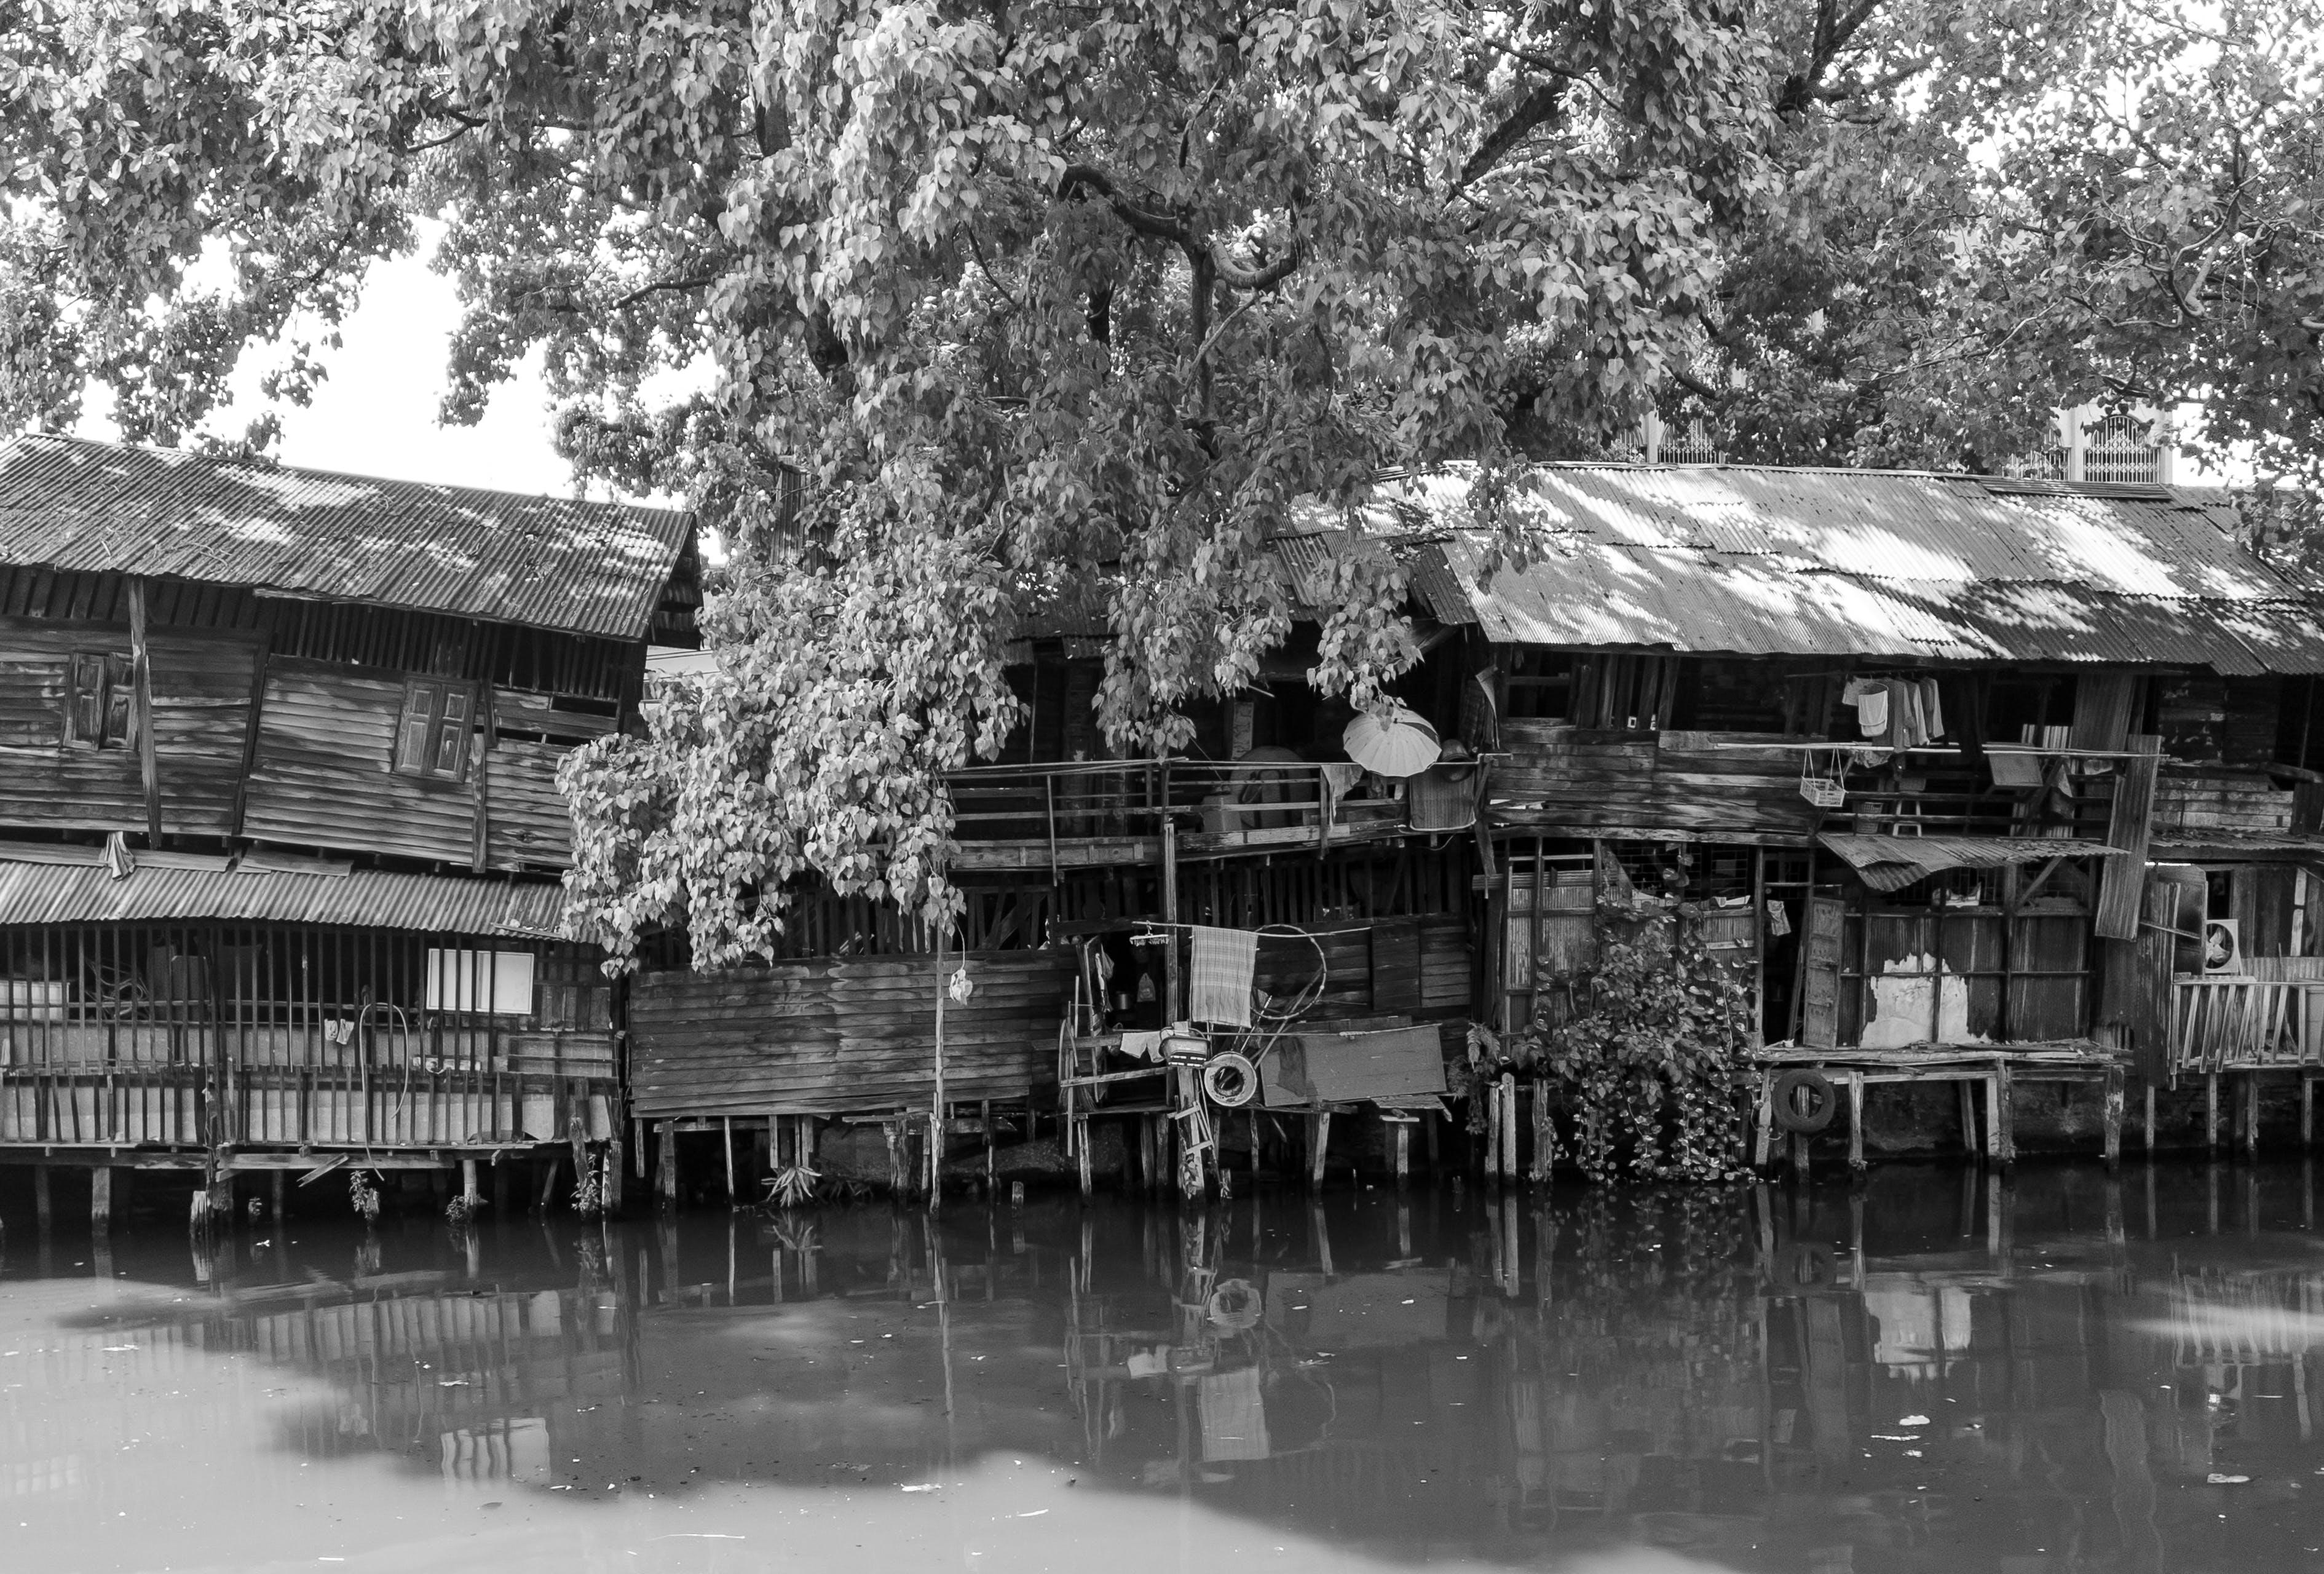 Free stock photo of Bangkok, huts, thailand